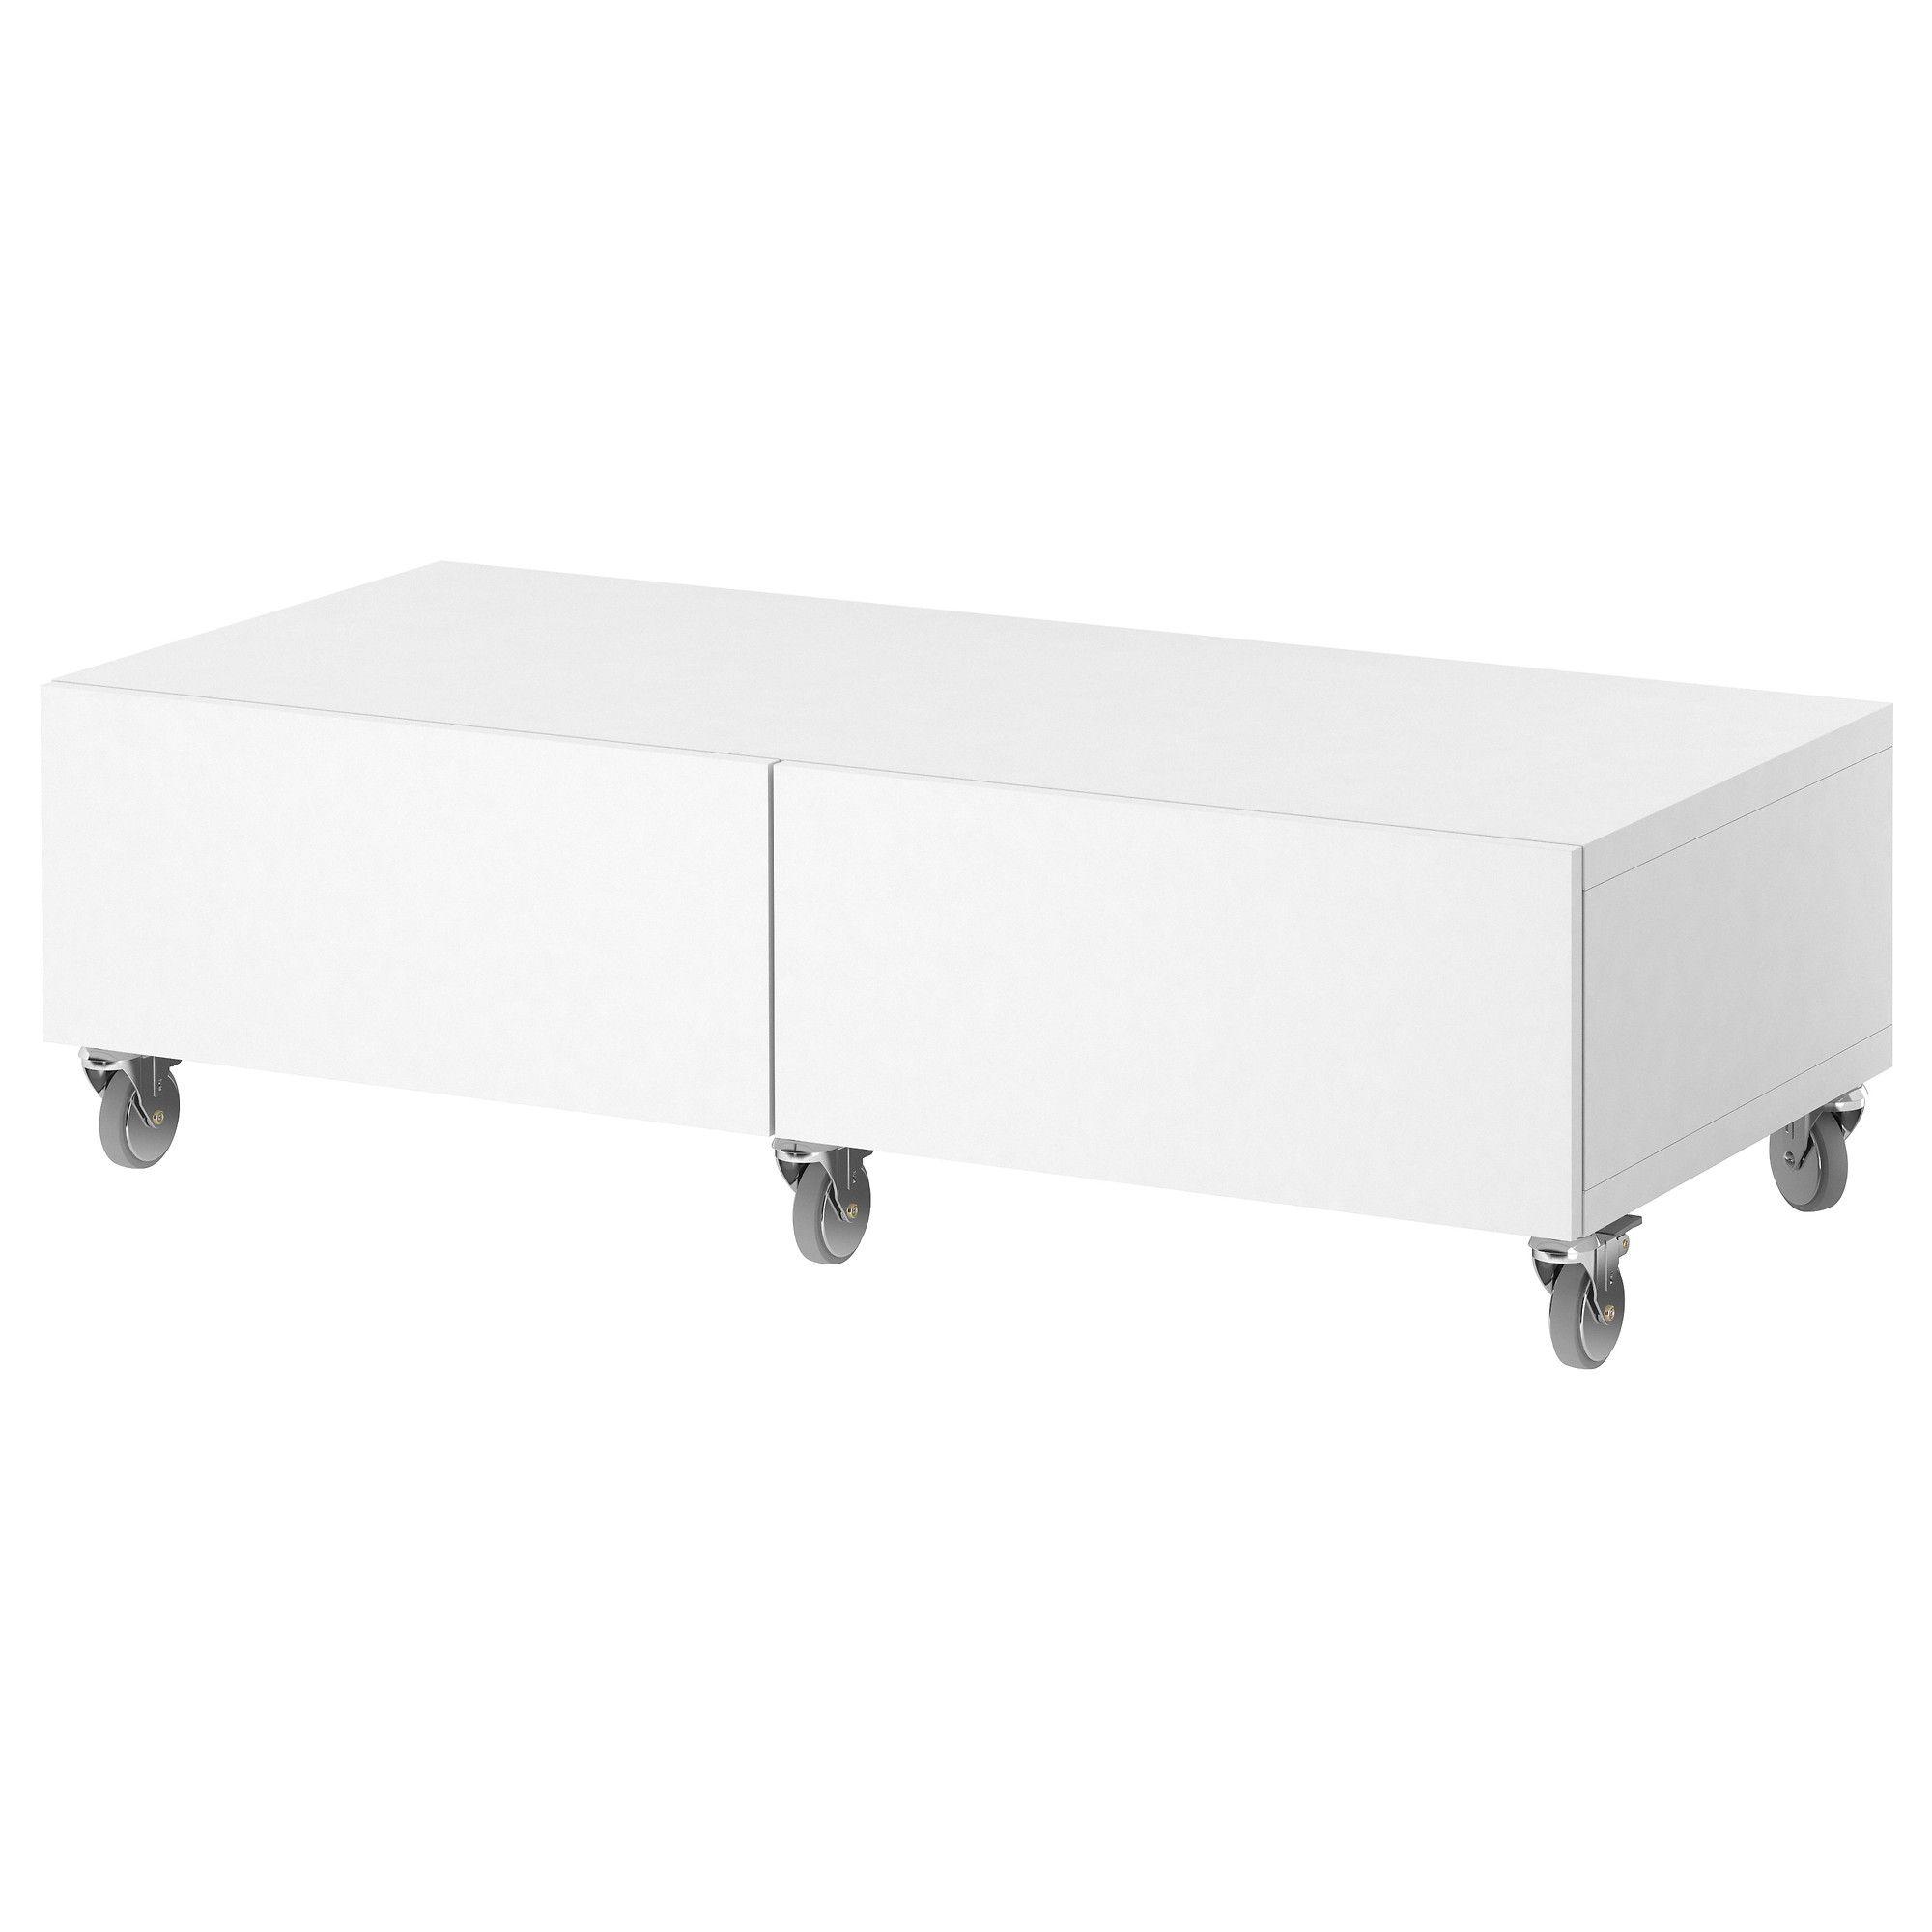 Goedkoop Tv Meubel Ikea.Nederland Ikea Huisinrichting En Meubels